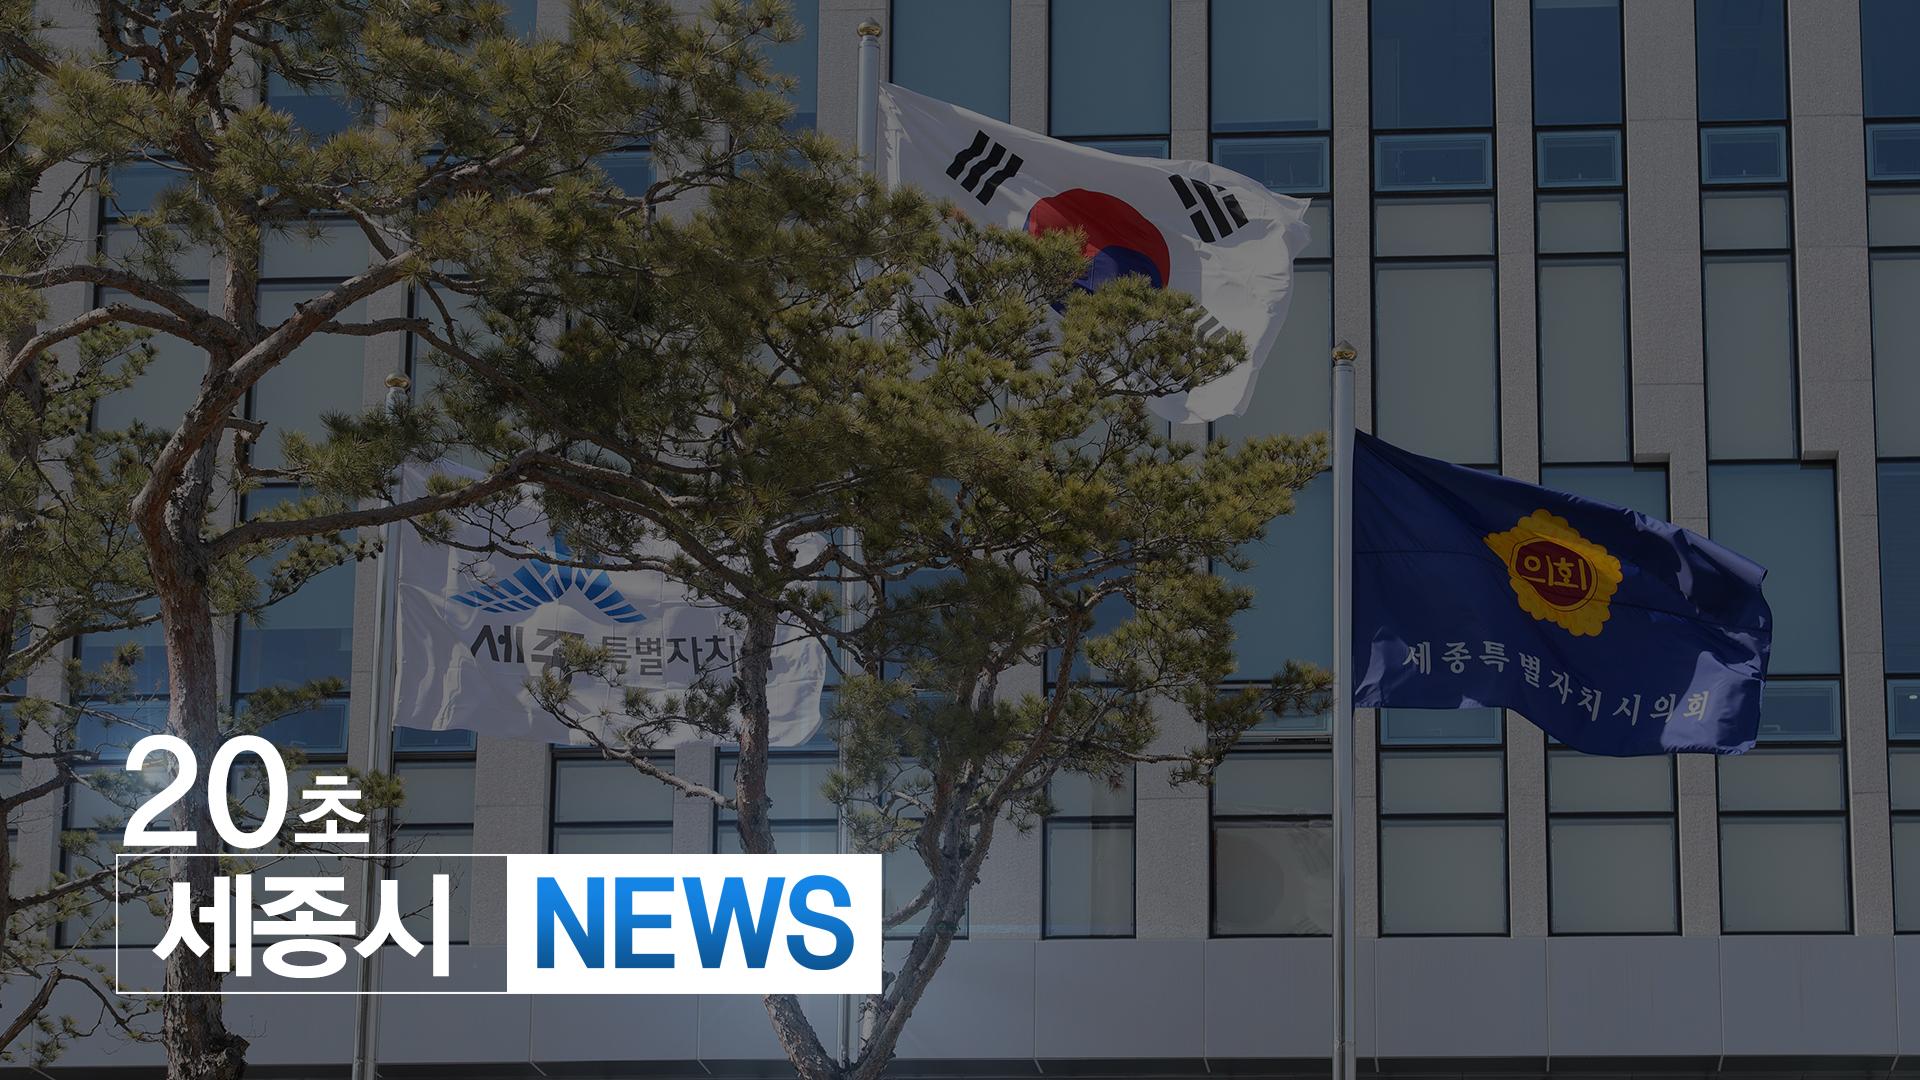 <20초뉴스> 세종시의회의원선거구획정위원회 16개 선거구 획정